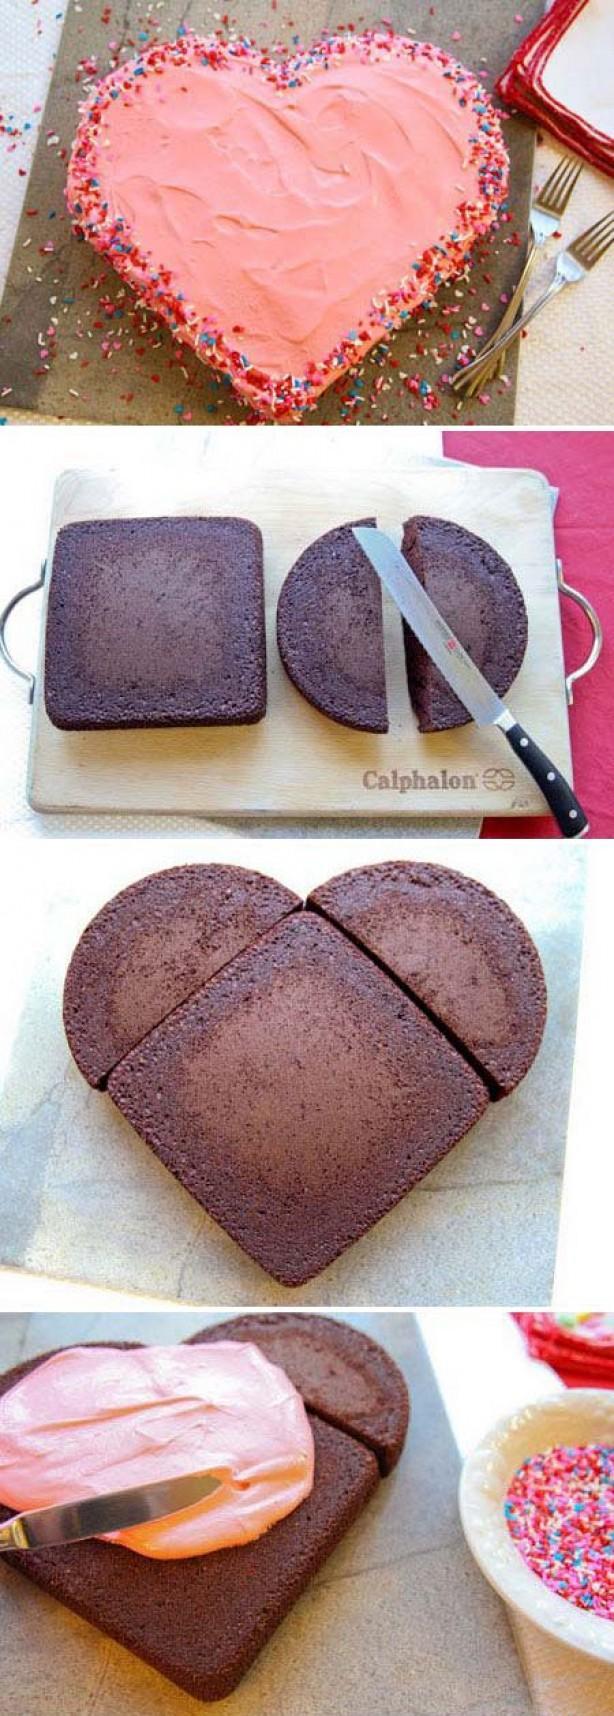 Как сделать торт сердце из круглых коржей